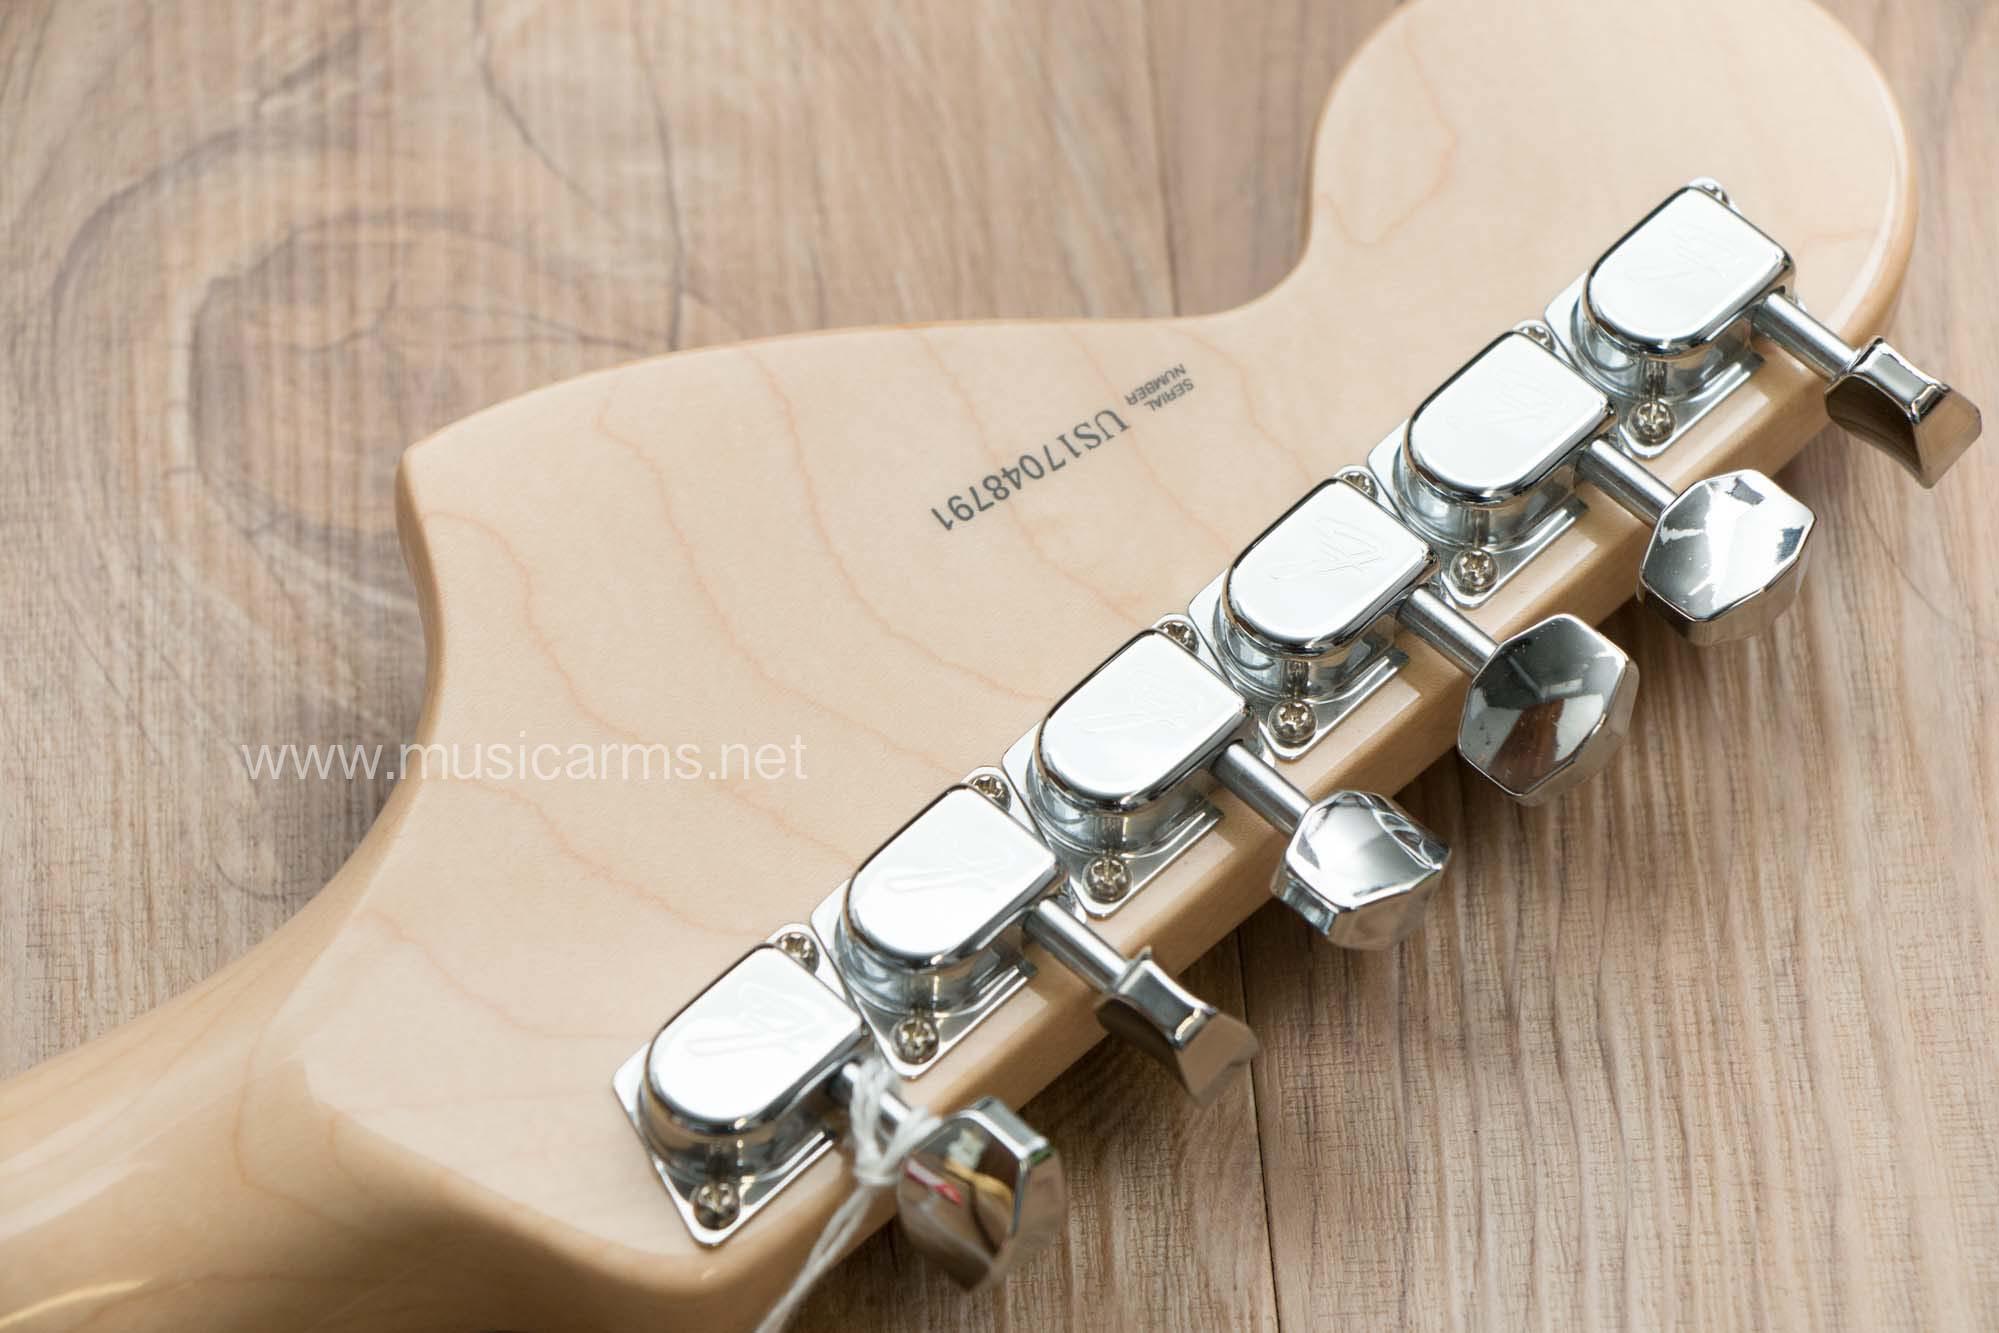 Fender Yngwie Malmsteen Strat MN V ด้าม ขายราคาพิเศษ